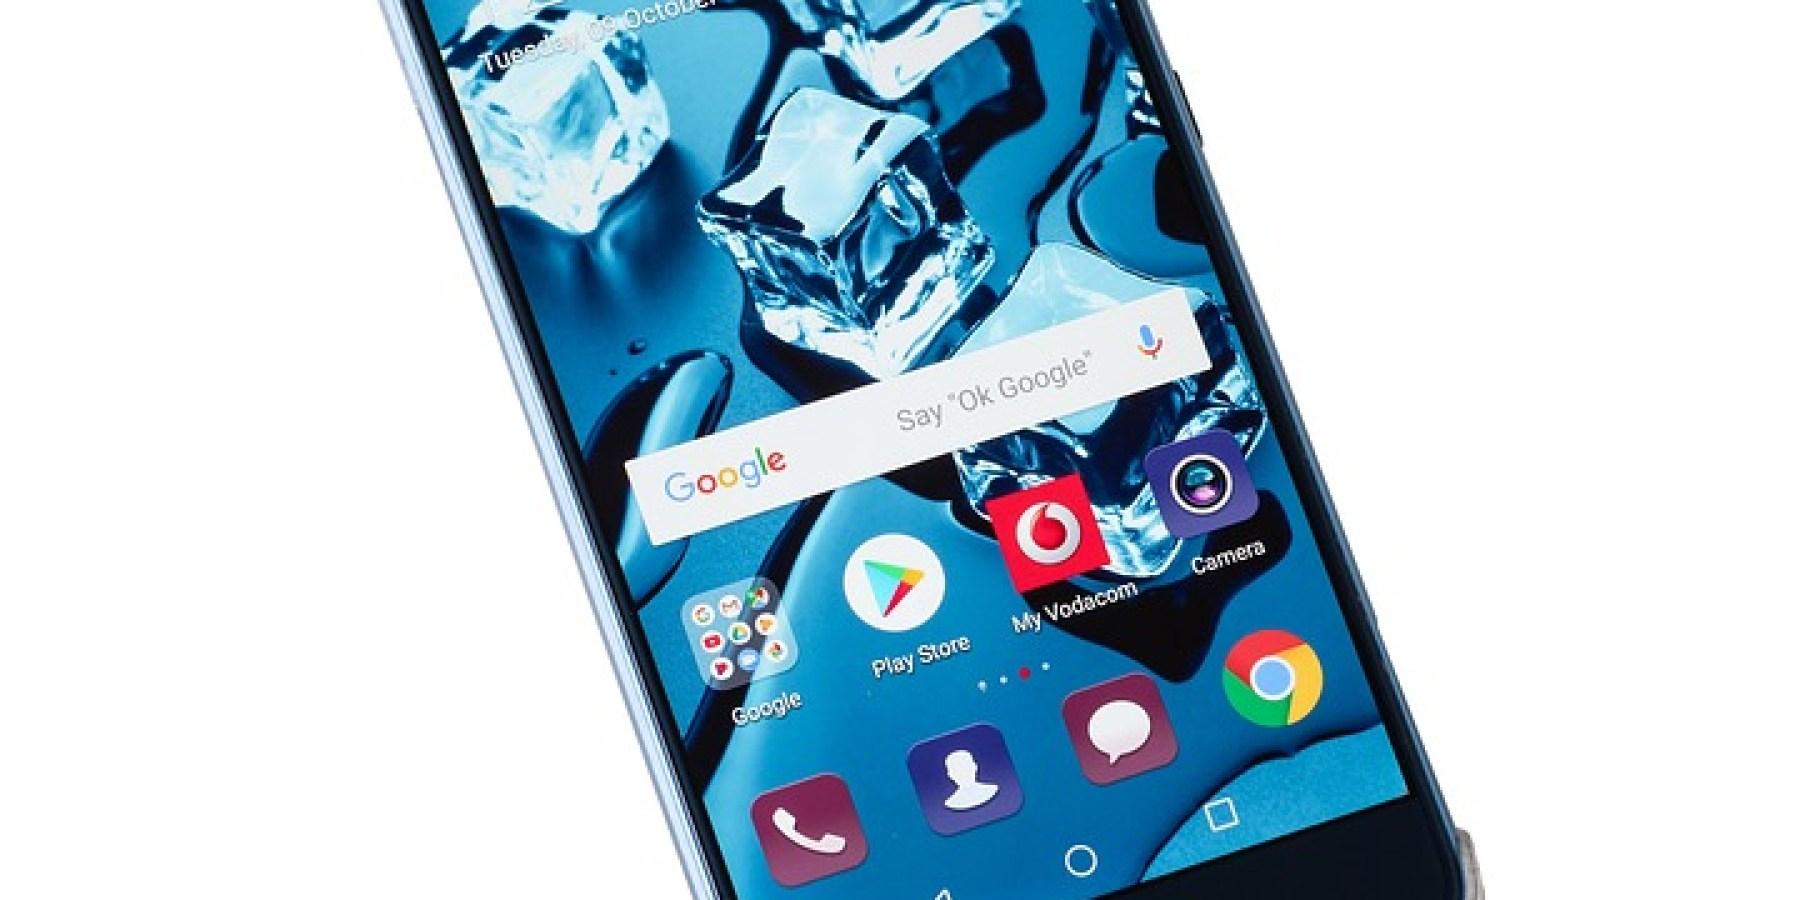 Huawei präsentiert sich dem Channel als Technologiepartner für die erfolgreiche digitale Transformation